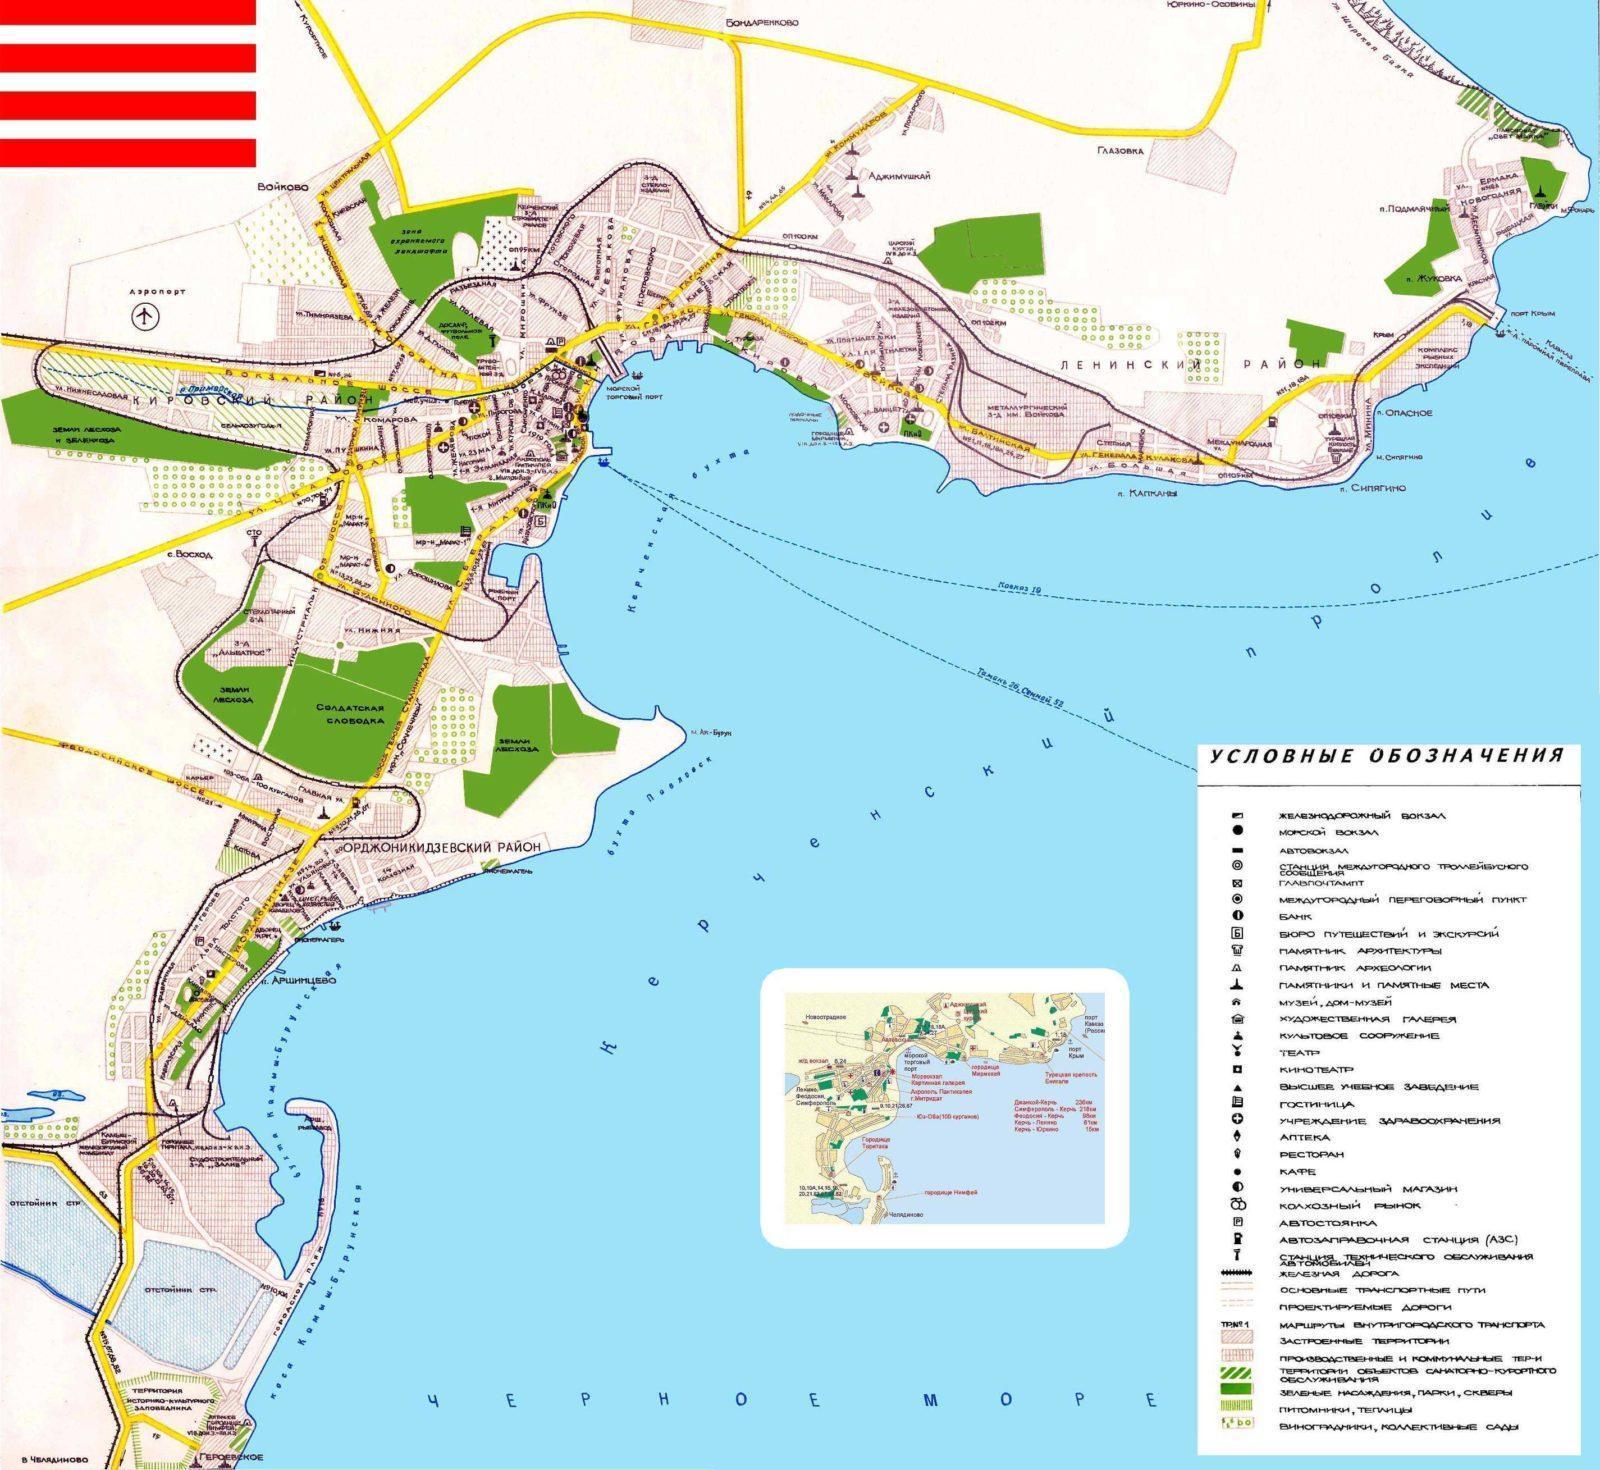 Достопримечательности на карте Керчи